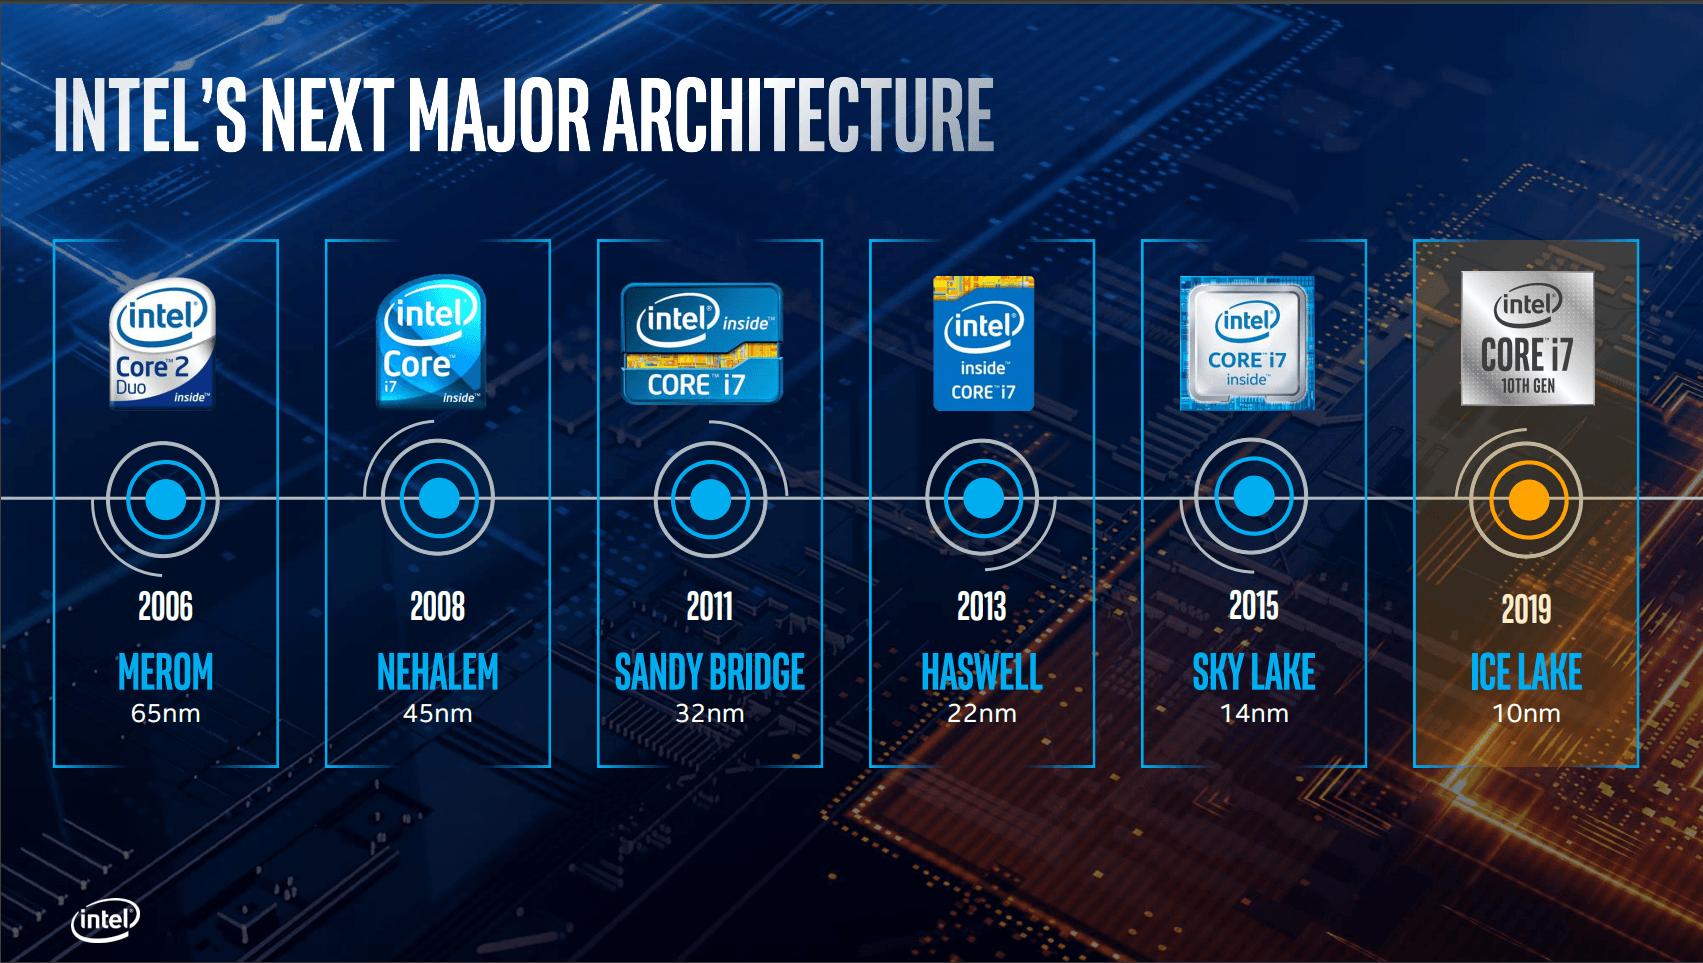 10. generacja procesorów Intela nadchodzi! Nowa mikroarchitektura Ice Lake dla laptopów 21